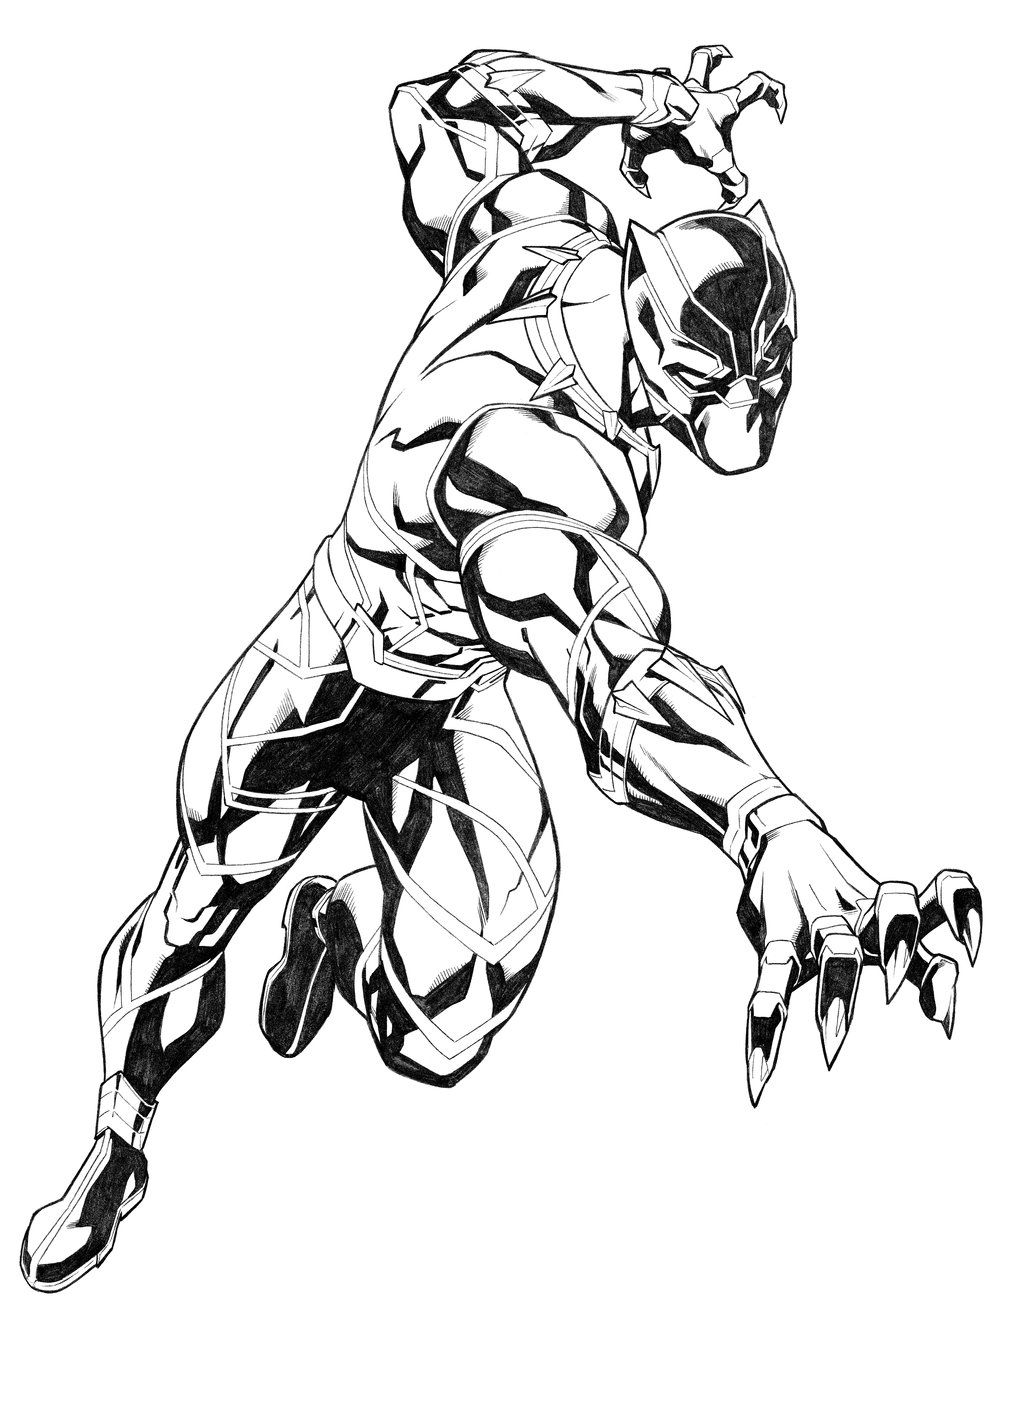 Black Panther By Carlosgomezartist On Deviantart Black Panther